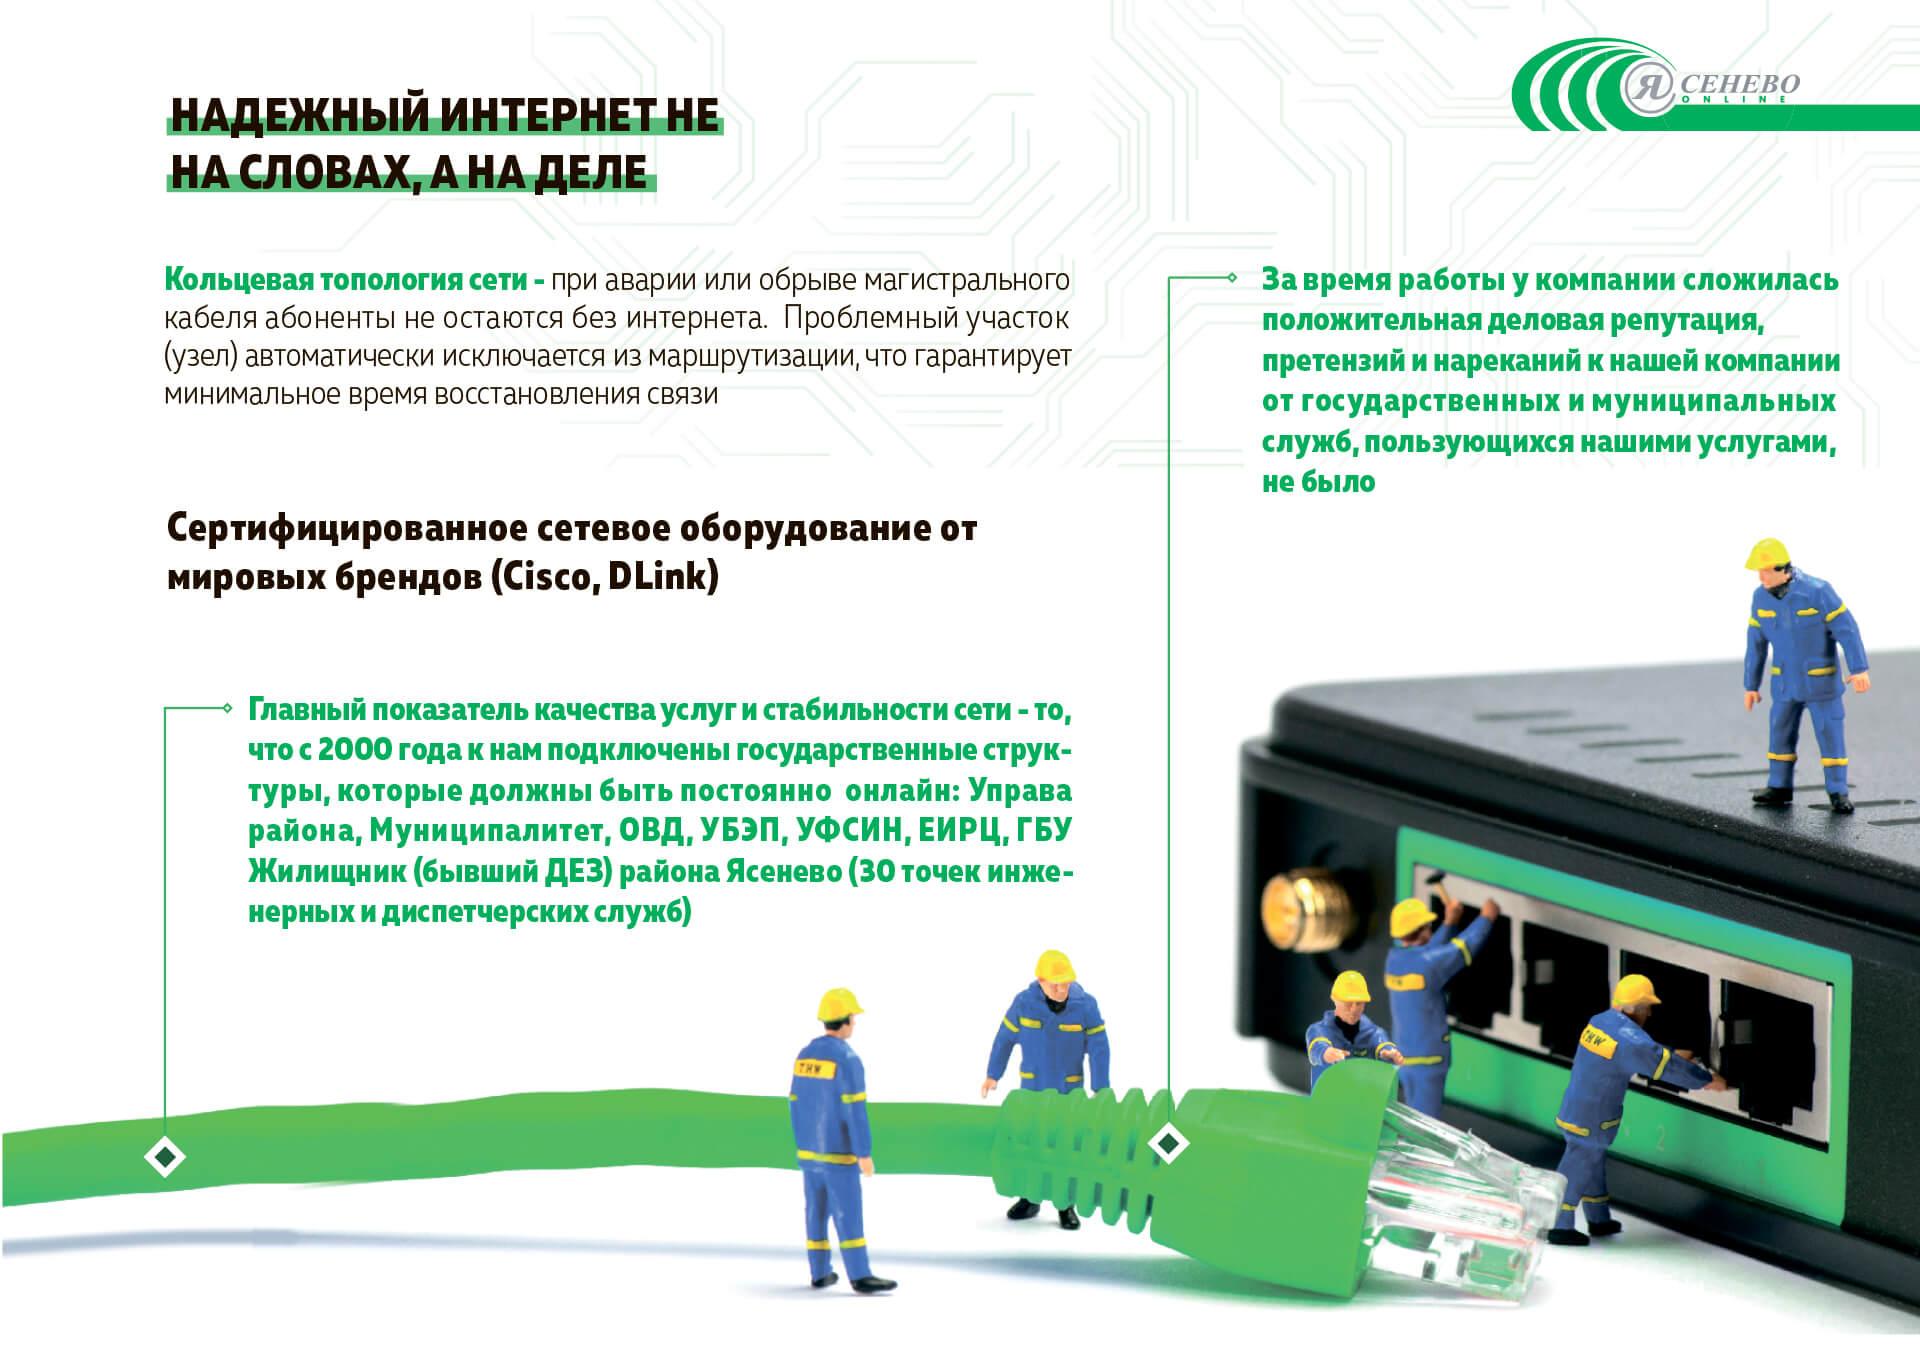 Заказать презентацию интерненет-провайдера в Москве